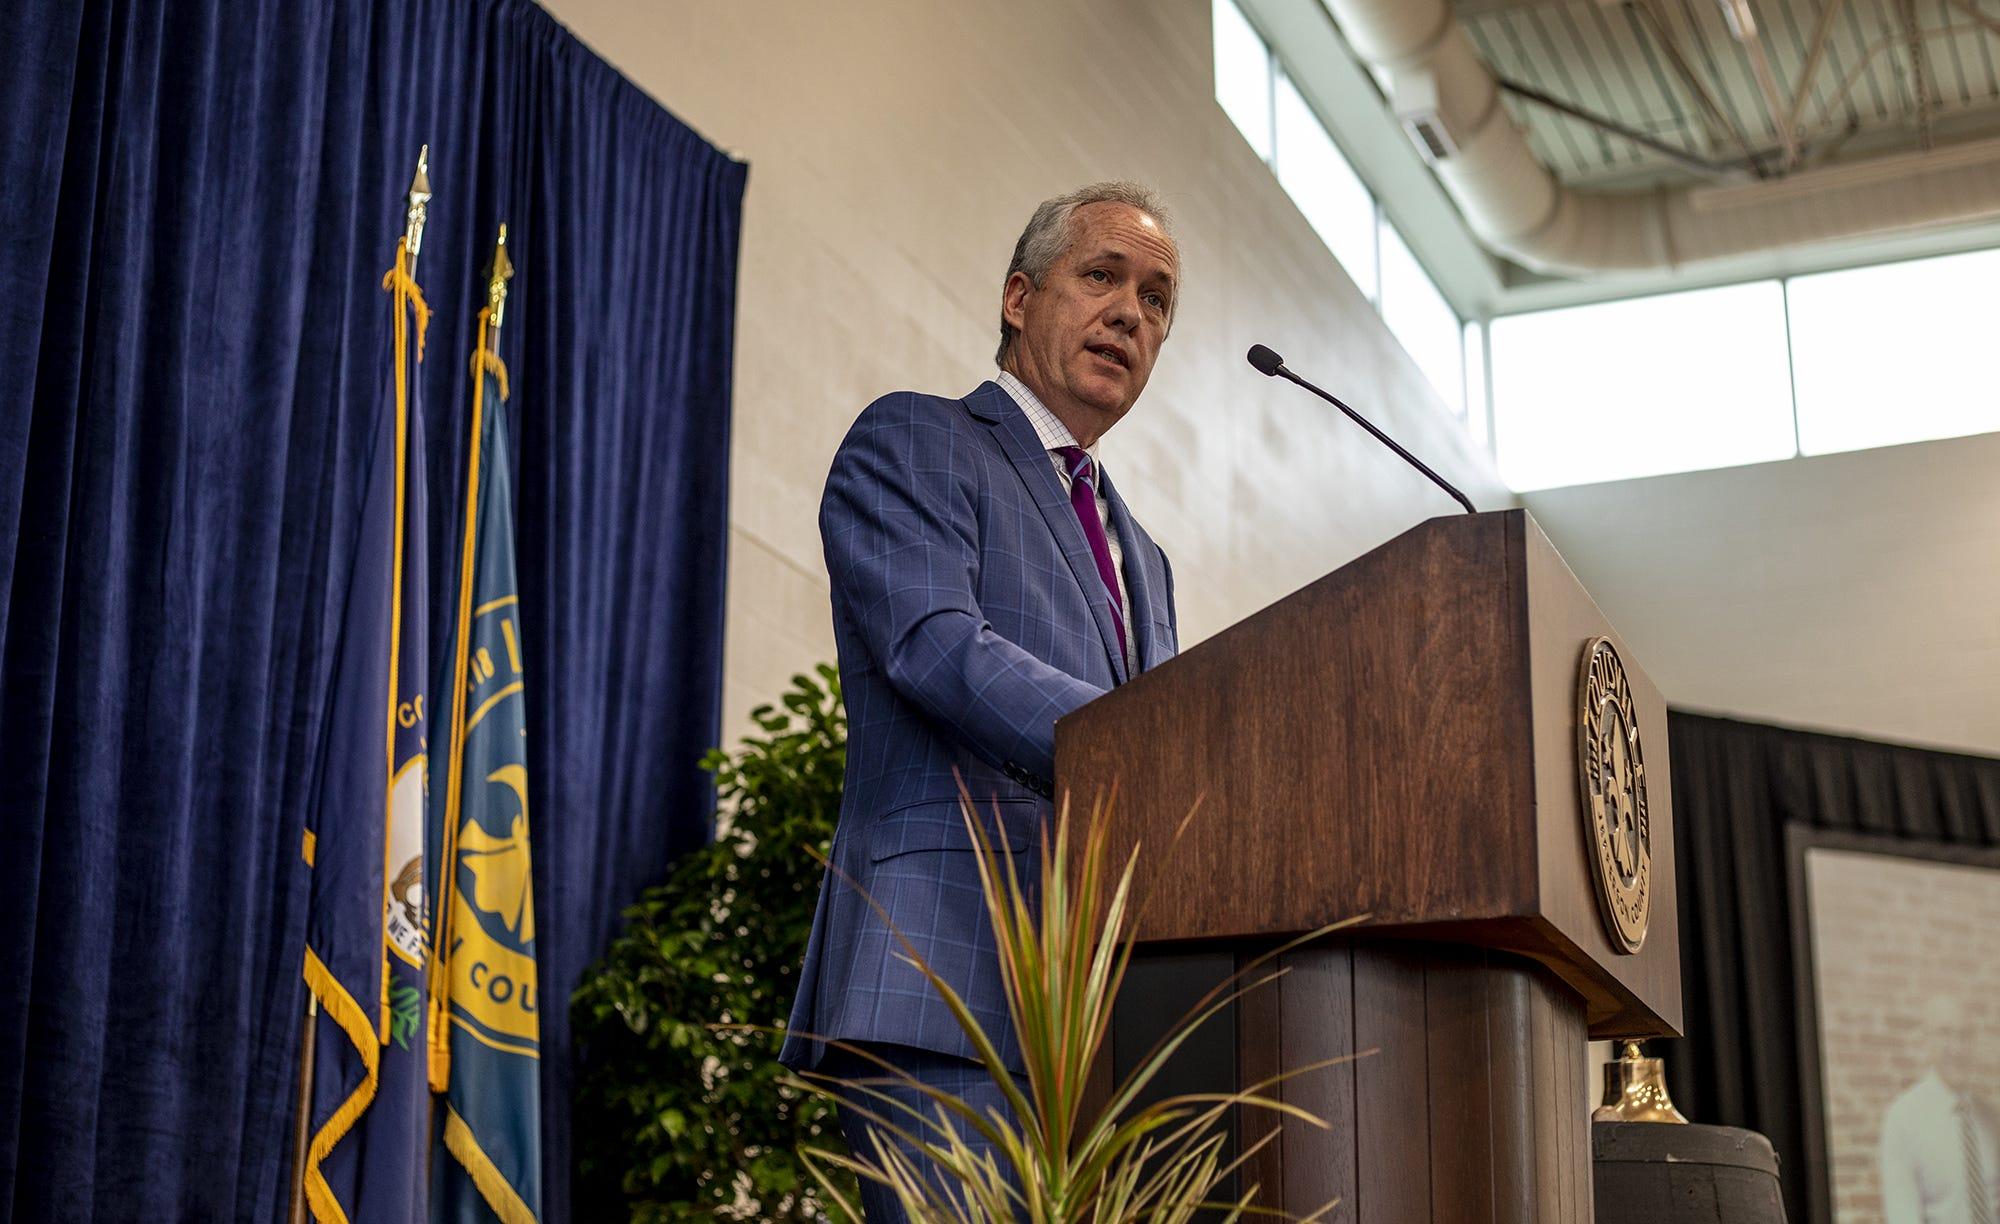 Bloomberg presidential debate: Louisville Mayor Fischer in Nevada